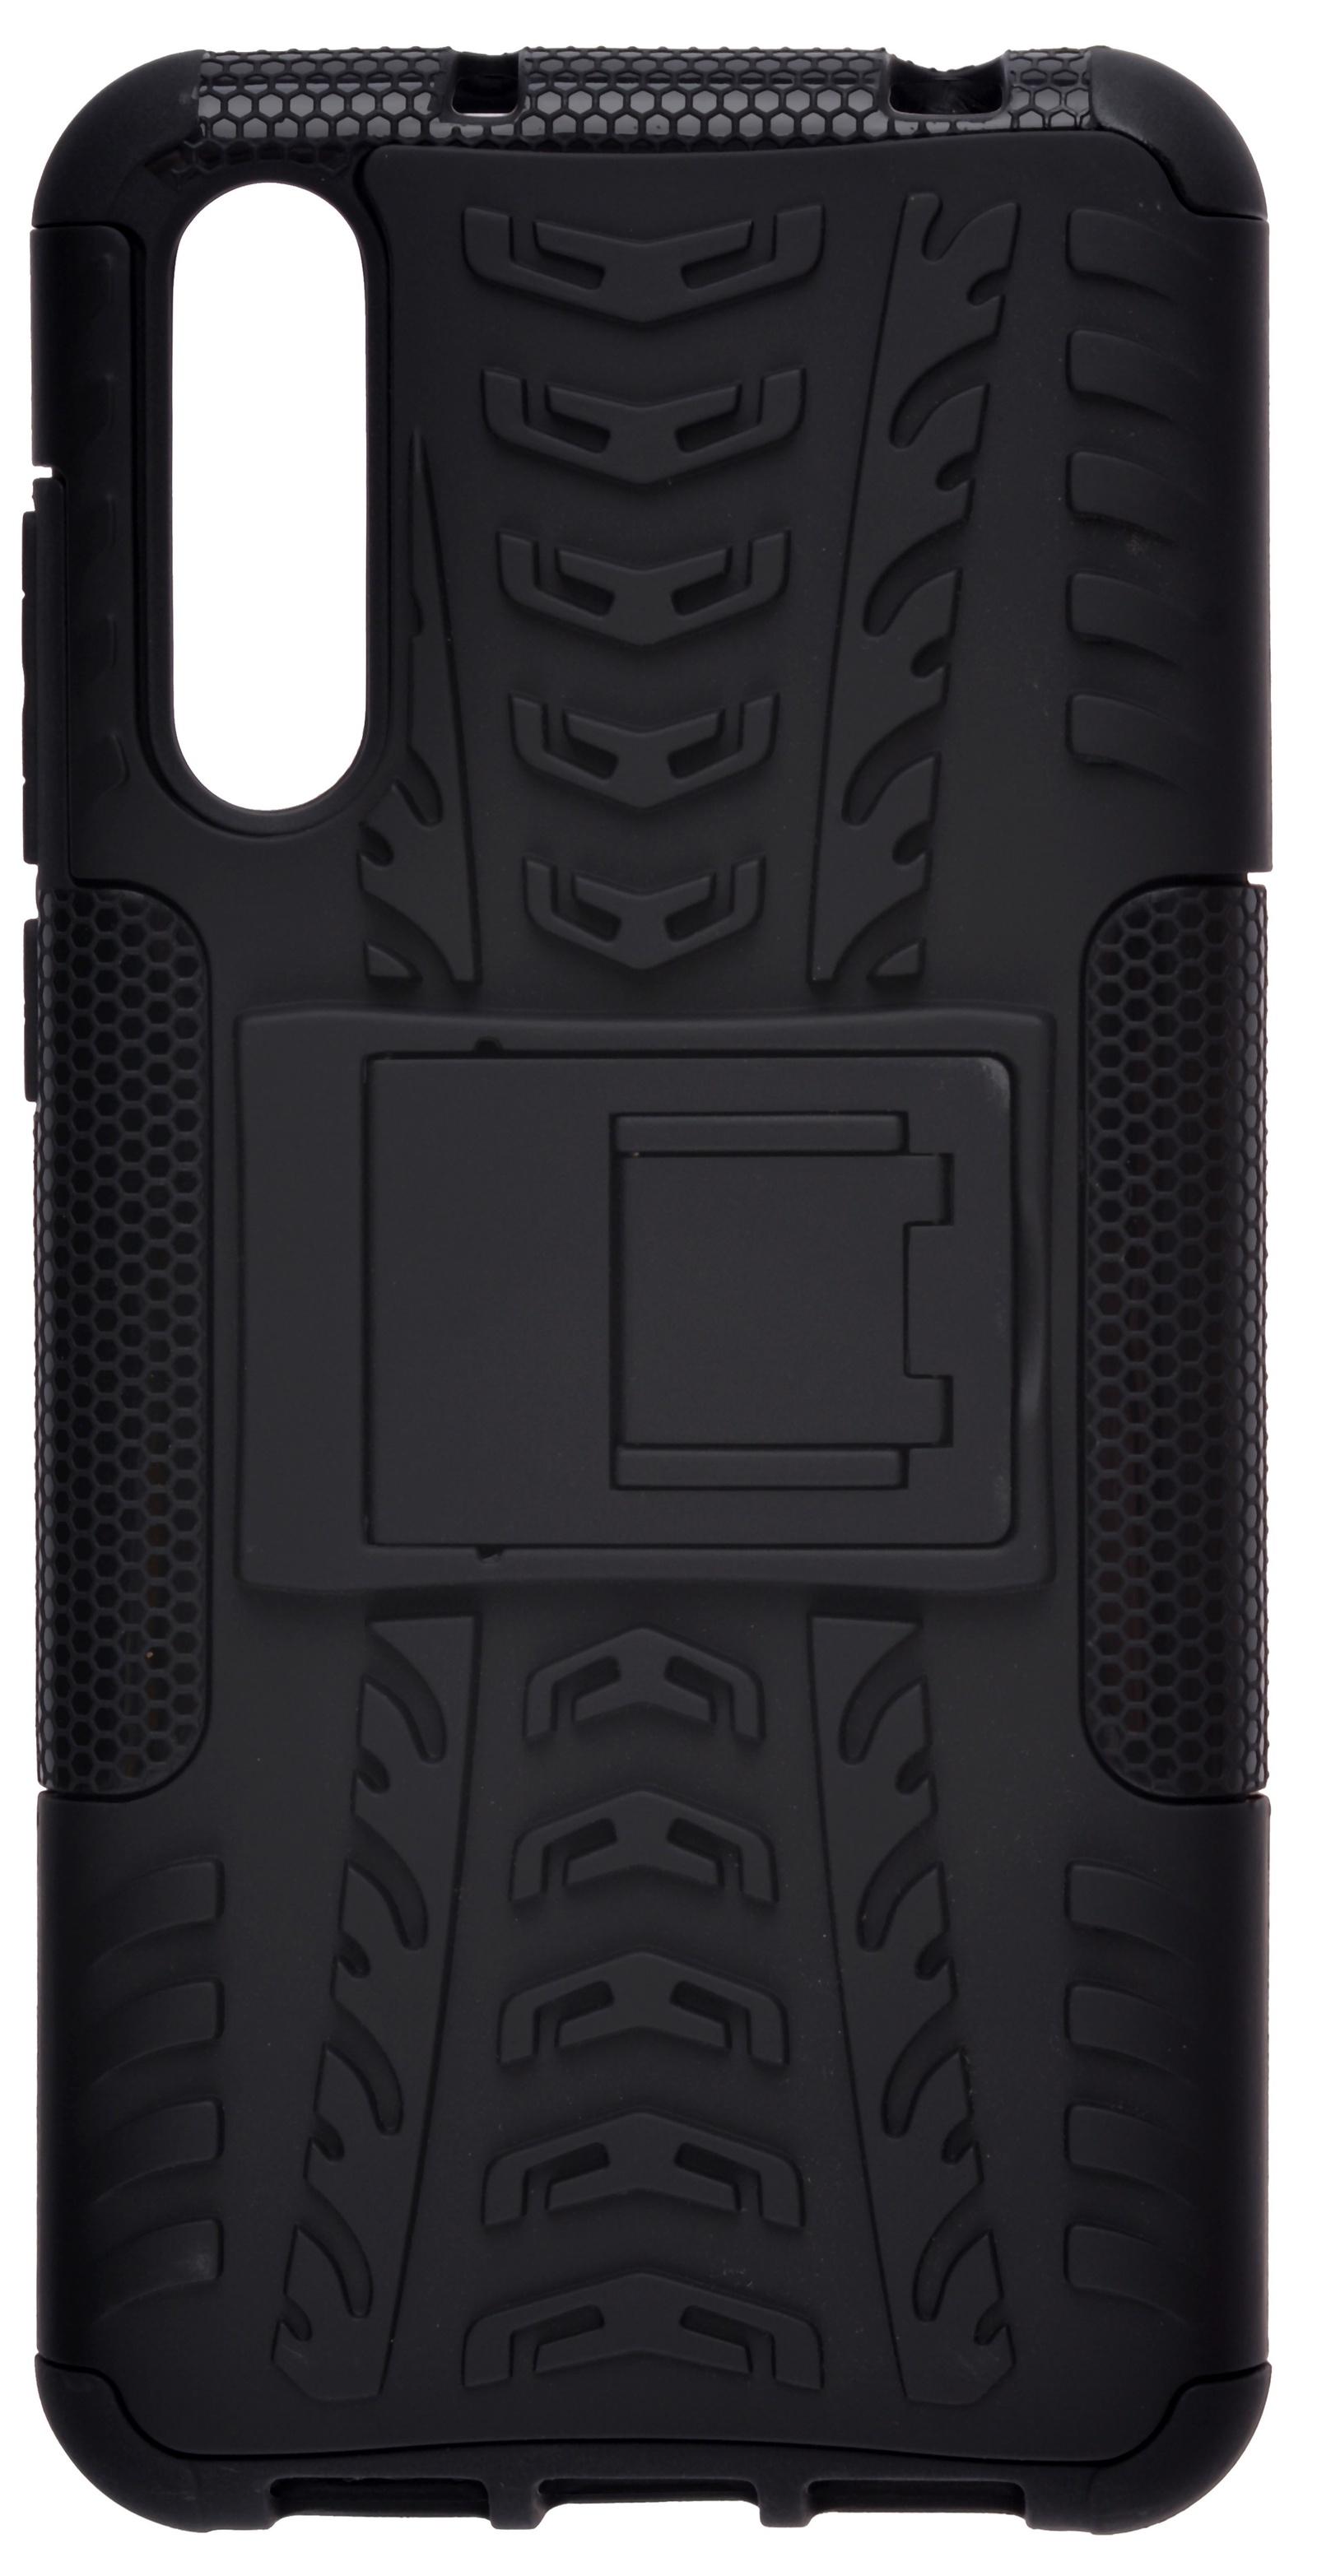 купить Накладка Skinbox Defender для Huawei P20 Pro, 4630042520738, черный по цене 490 рублей